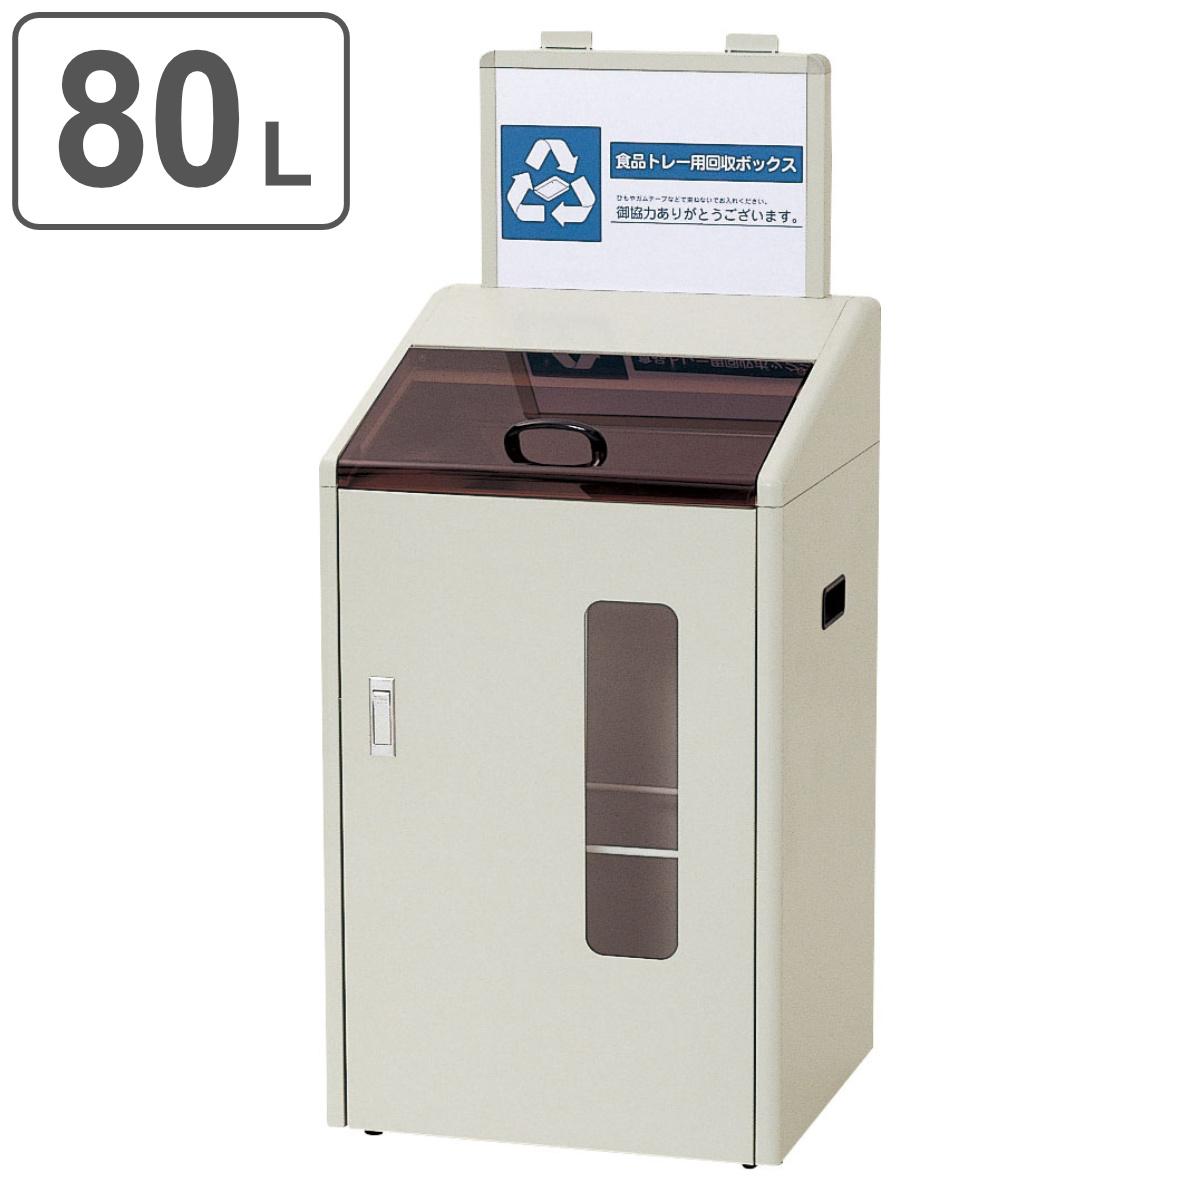 ゴミ箱 分別回収ボックス SGR-60 送料無料 【3980円以上送料無料】